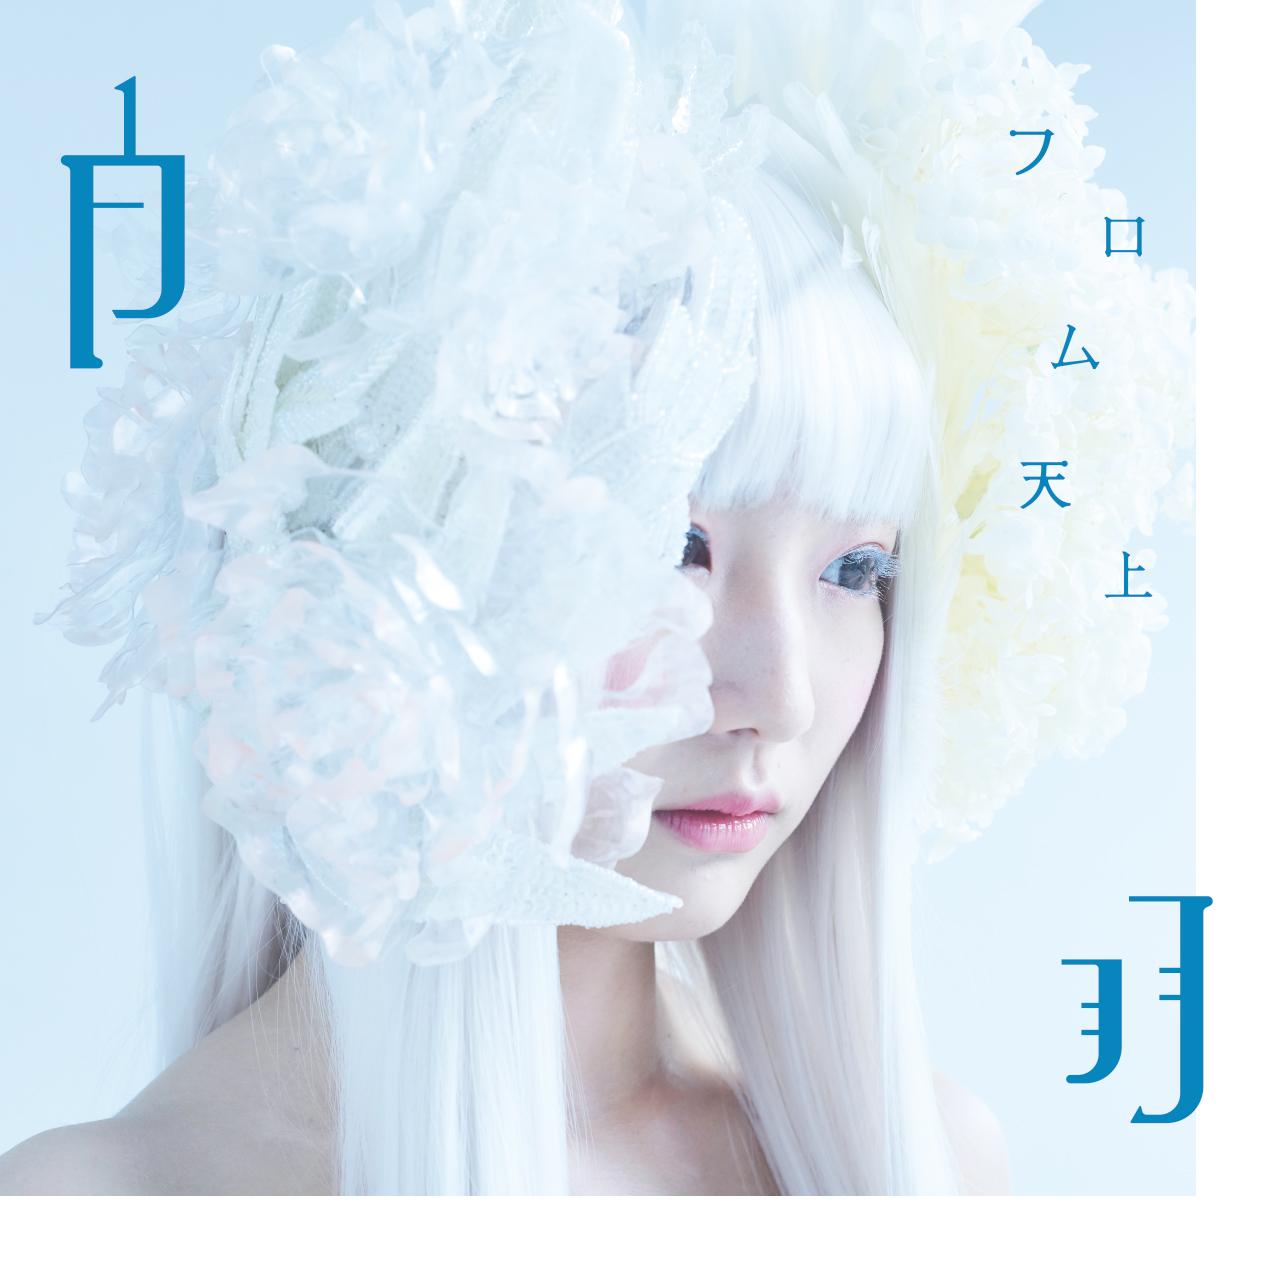 白羽 1st EP「フロム天上」